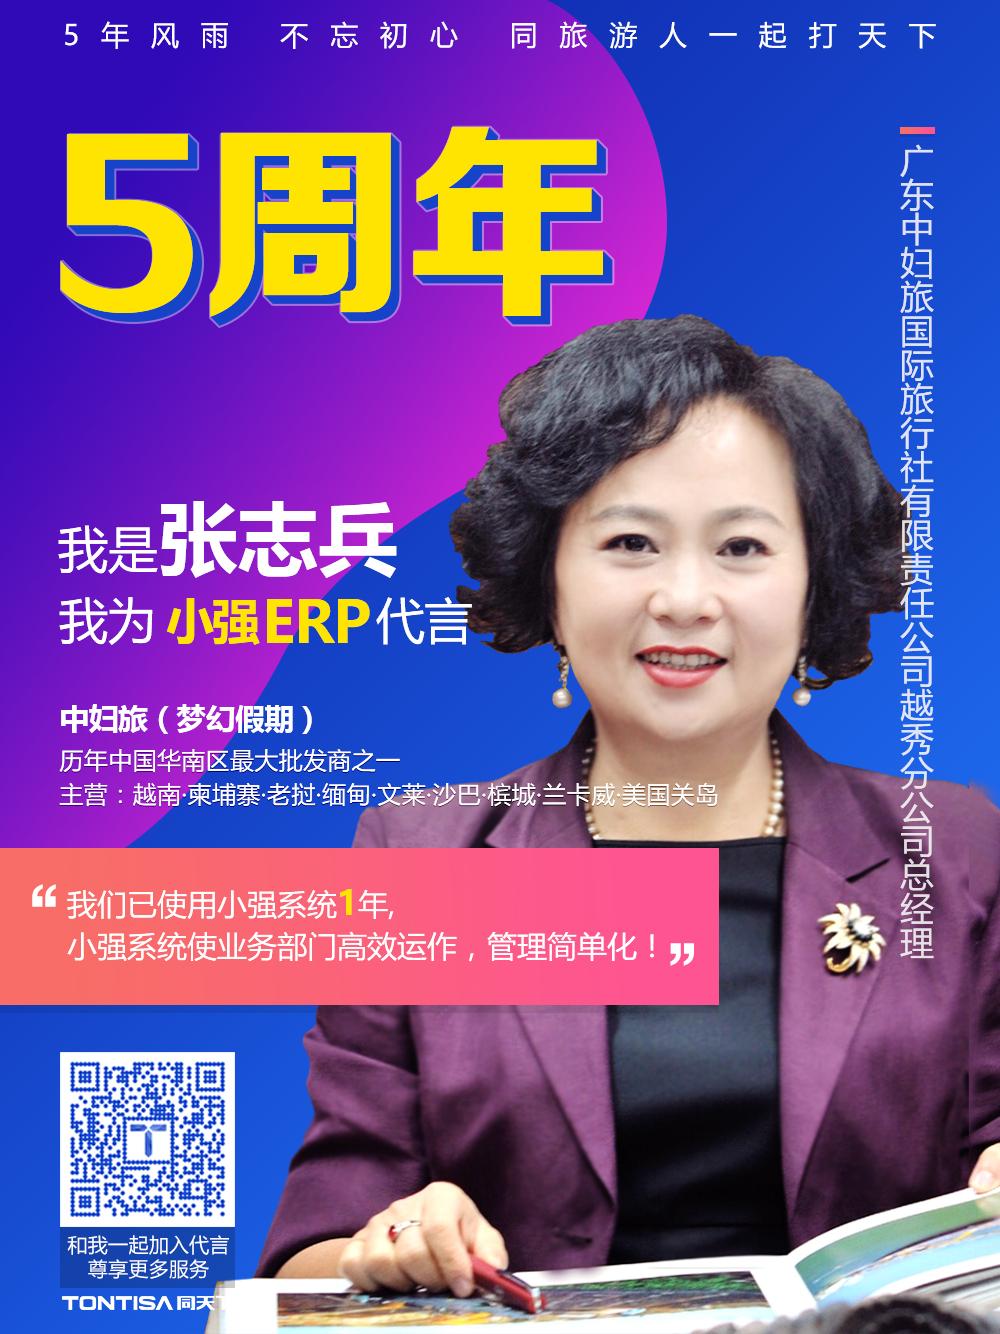 1、五周年系列海报(张志兵).jpg